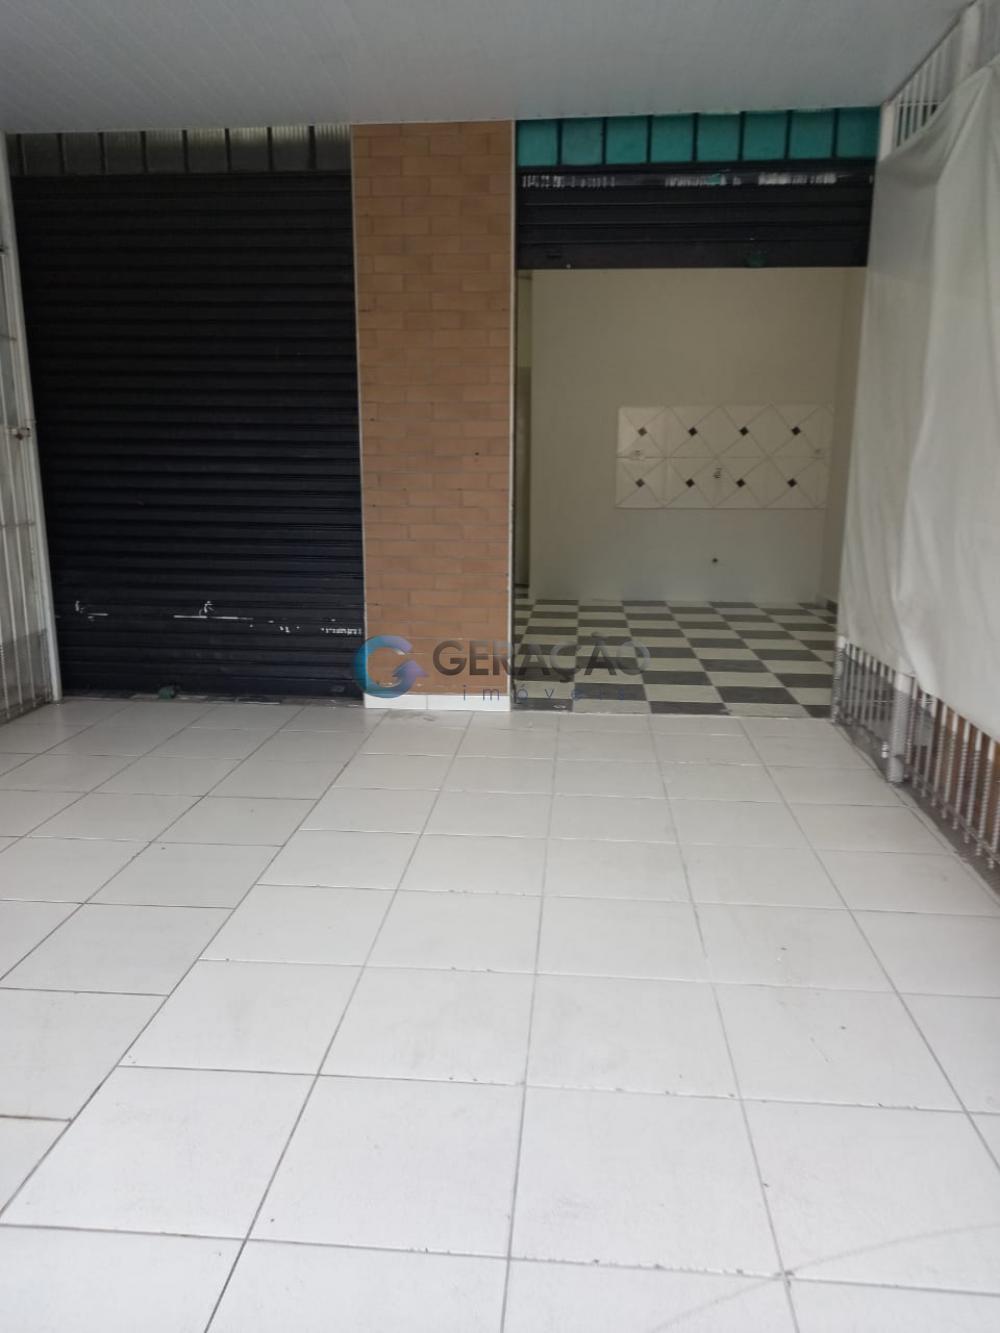 Alugar Comercial / Sala em São José dos Campos R$ 1.500,00 - Foto 3